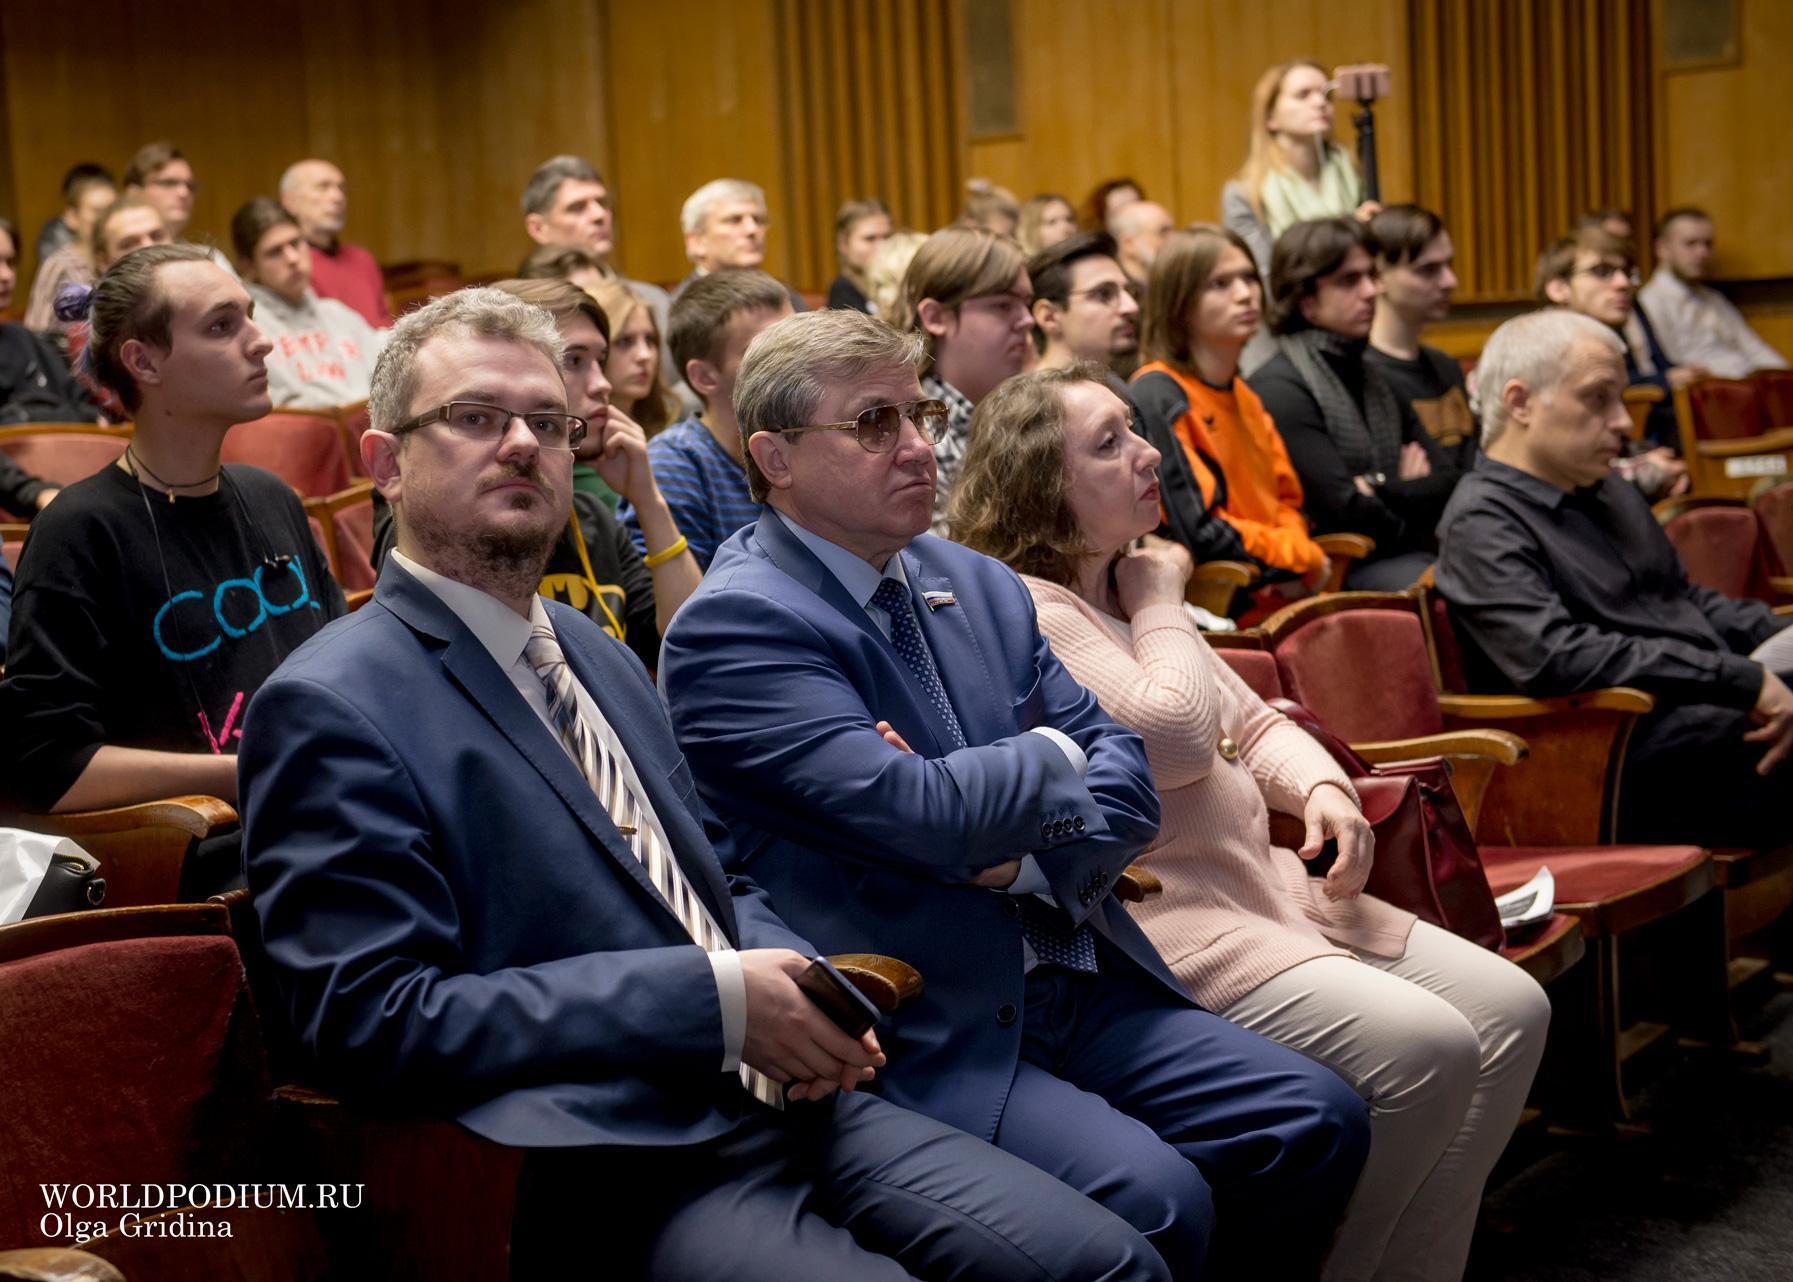 В Институте современного искусства проходит научно-практическая конференция